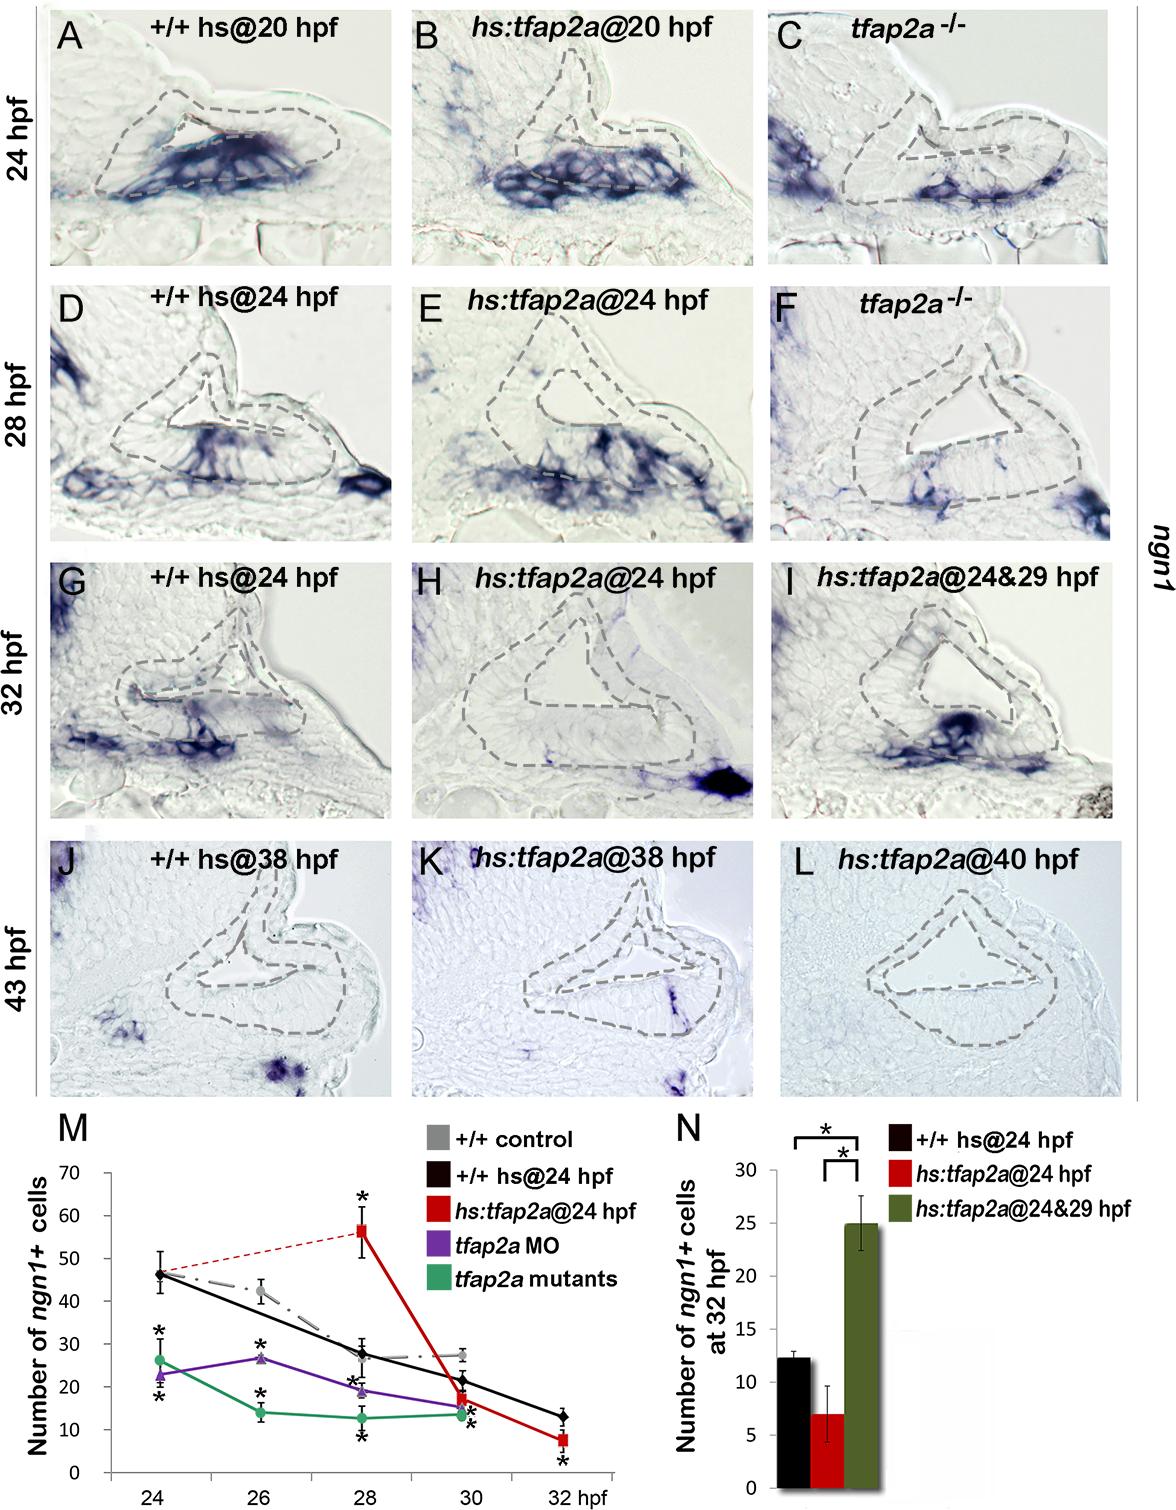 Tfap2a enhances otic neurogenesis.